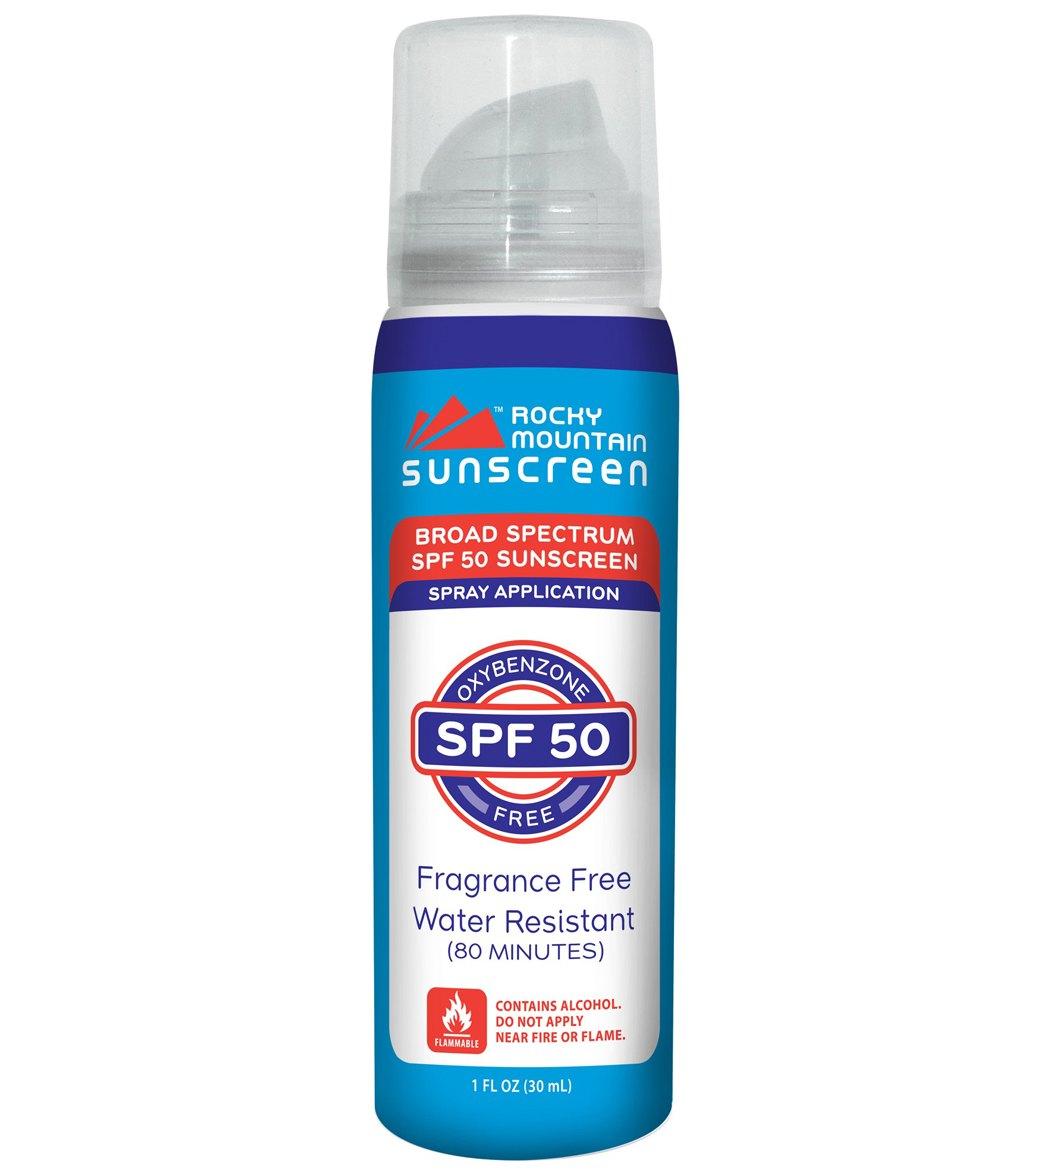 Rocky Mountain Sunscreen SPF 50 Travel Size 1oz. Spray Sunscreen ...